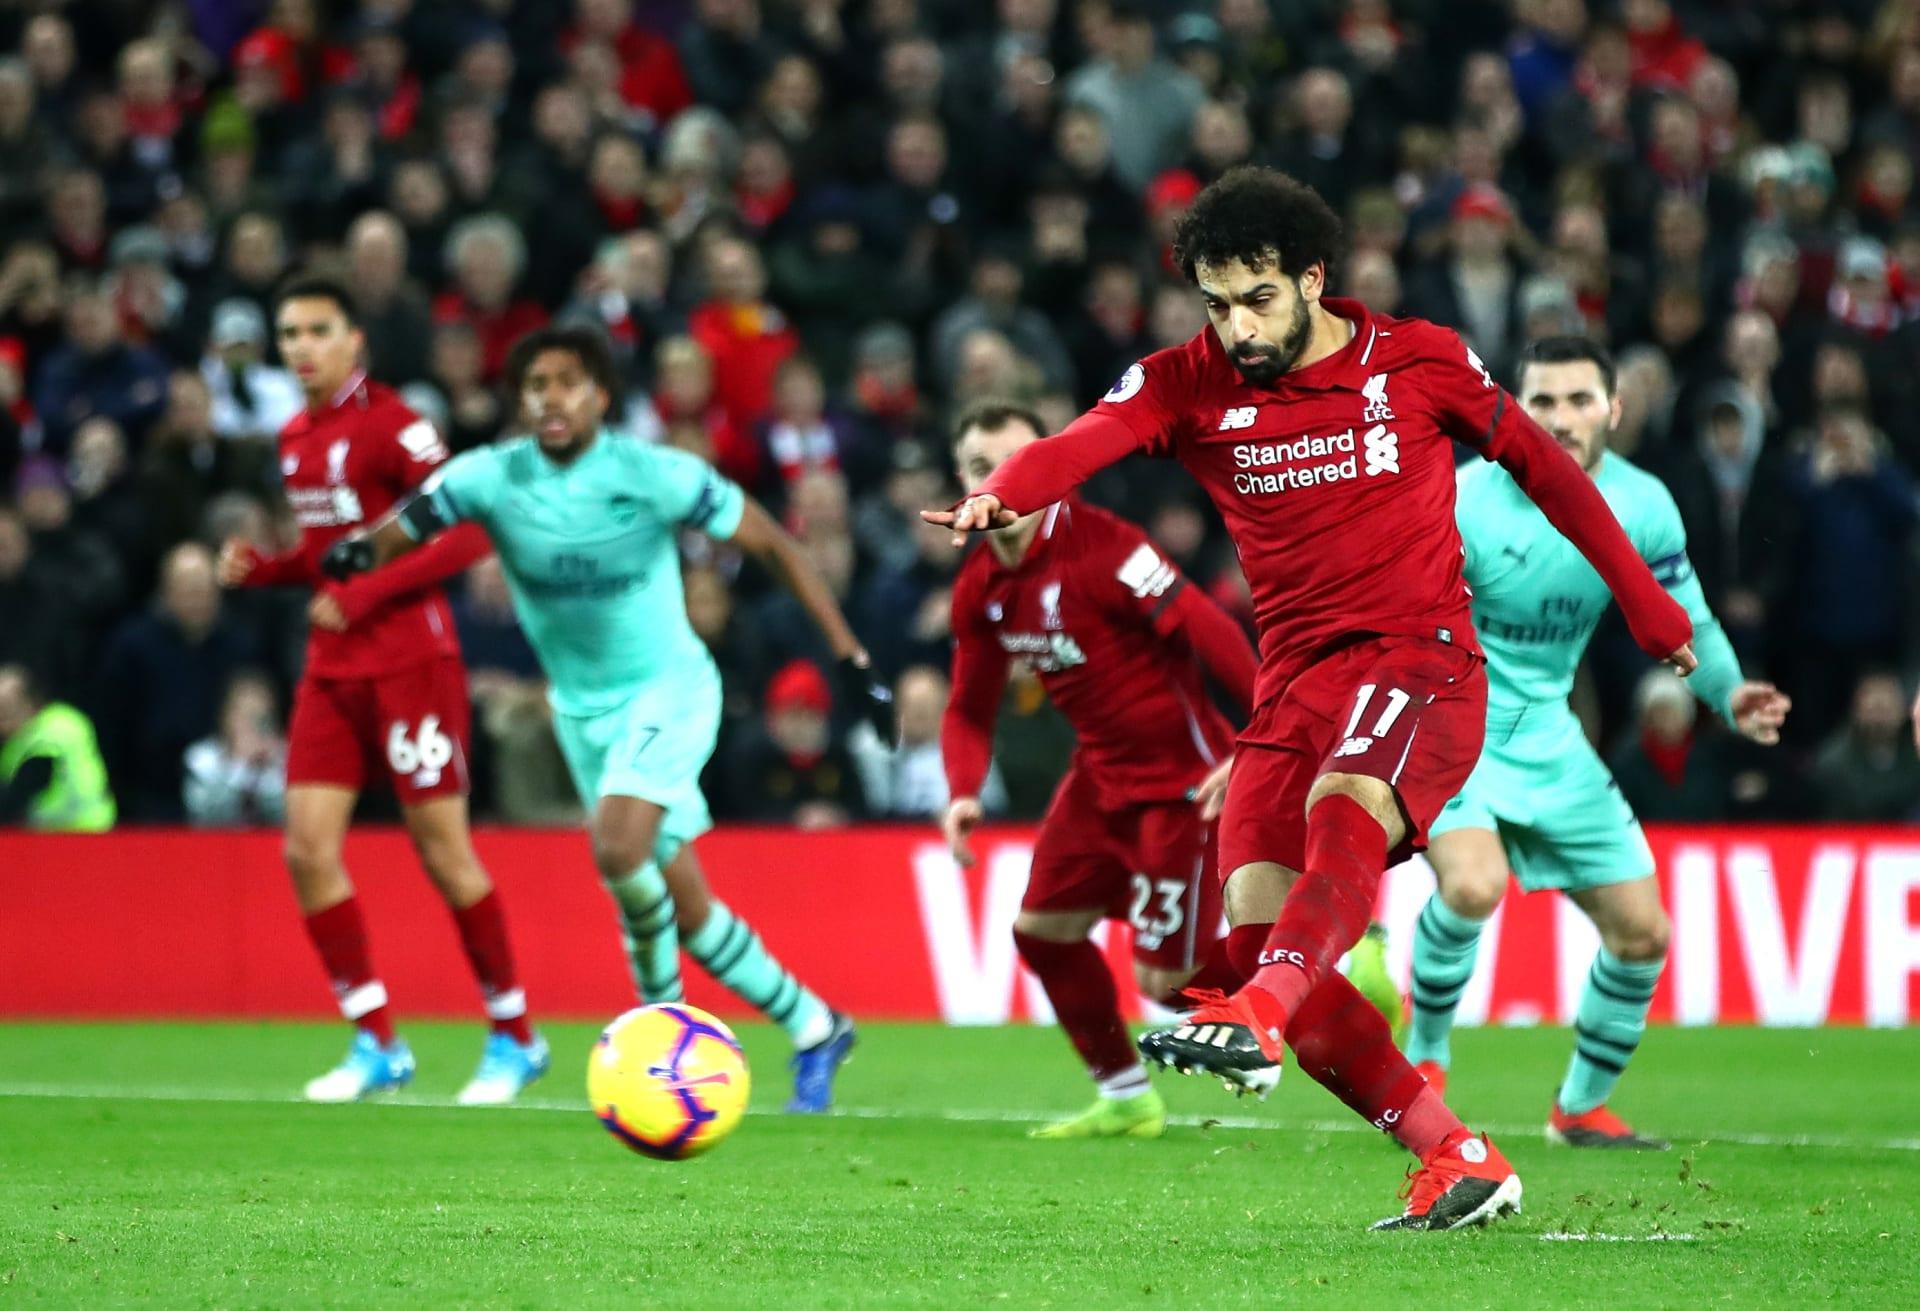 بخماسية في أرسنال.. ليفربول يودع 2018 منفردا بصدارة الدوري